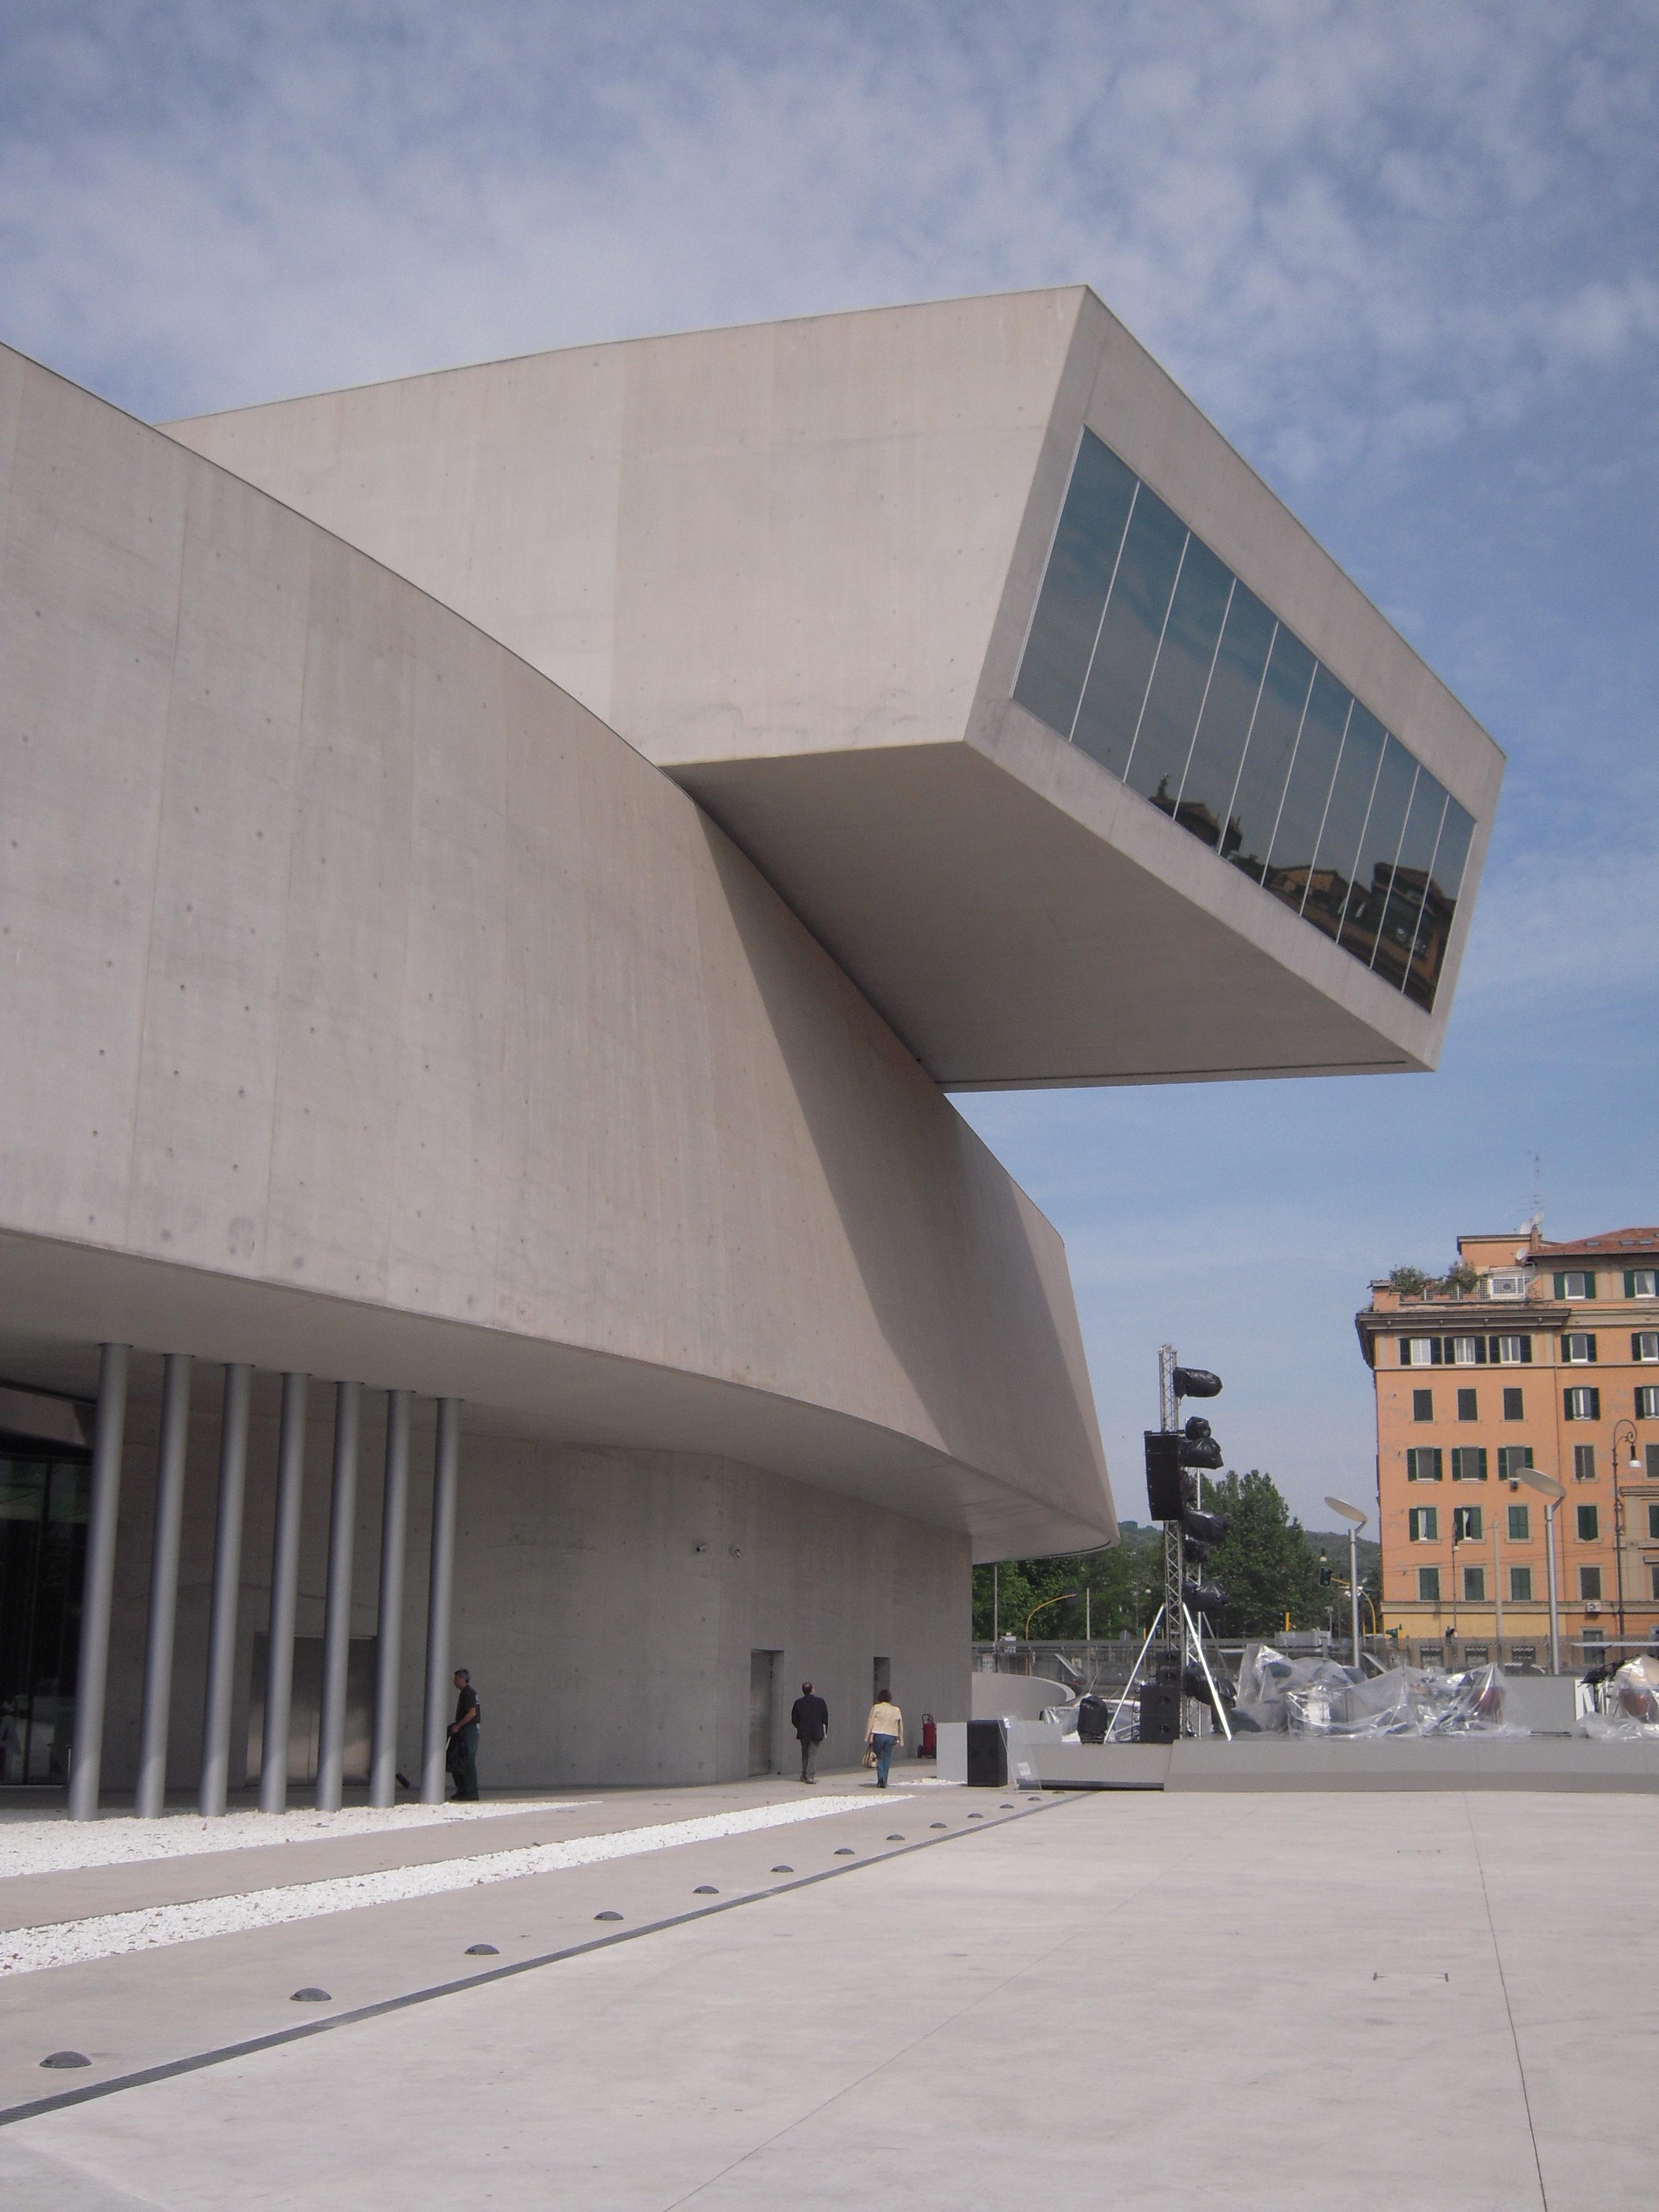 gizmo architecture research criticism books and newsForBiblioteca Maxxi